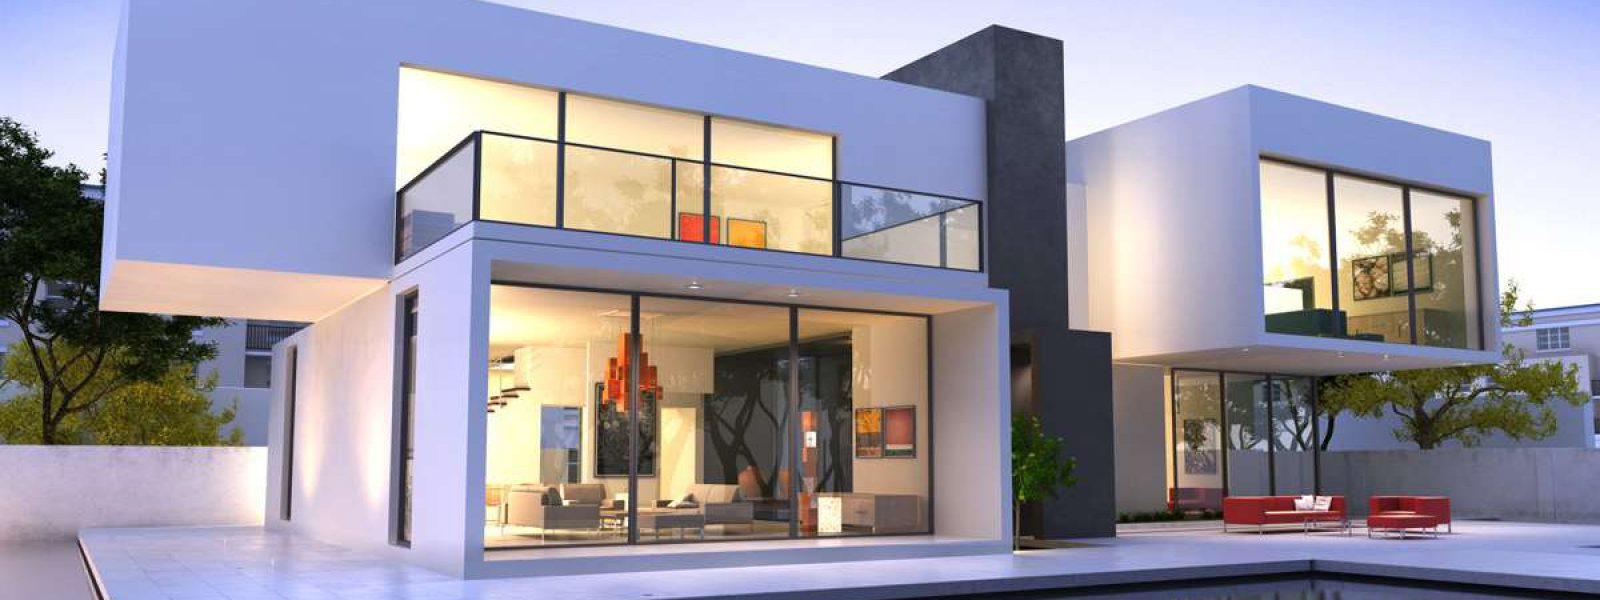 Los 6 errores más comunes al comprar una vivienda en España